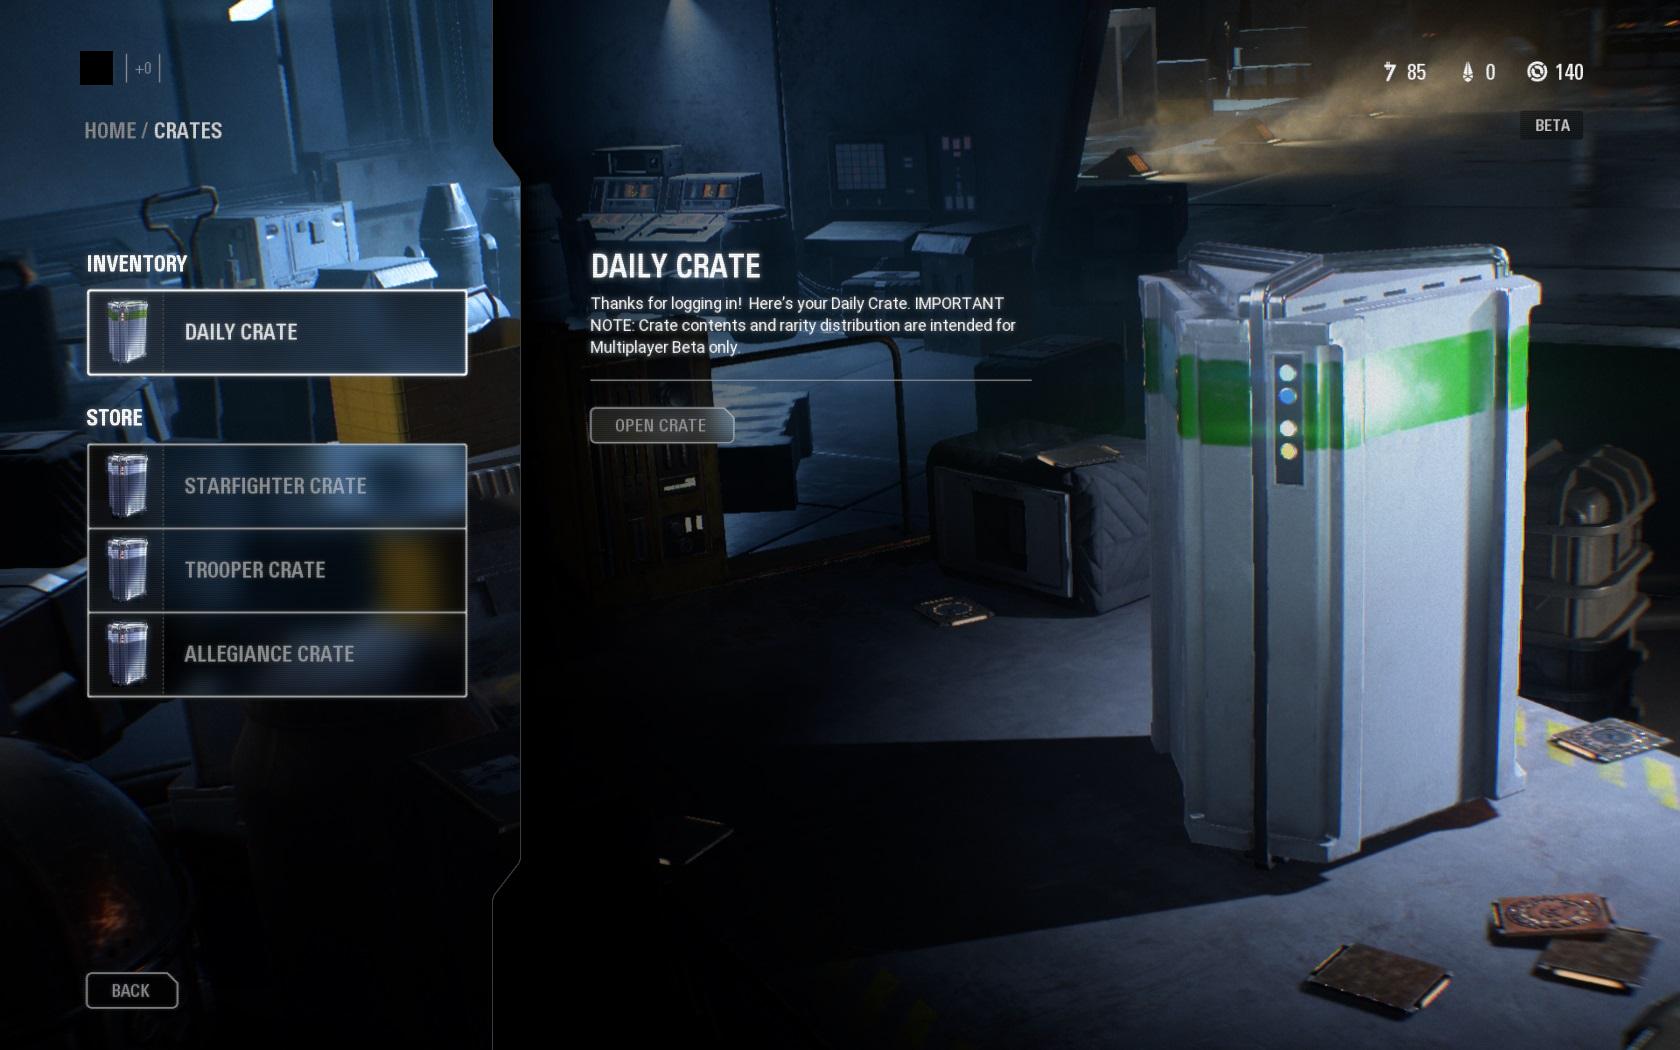 Zvedá se masivní vlna odporu proti systému krabic v betě Star Wars: Battlefrontu 2 150970